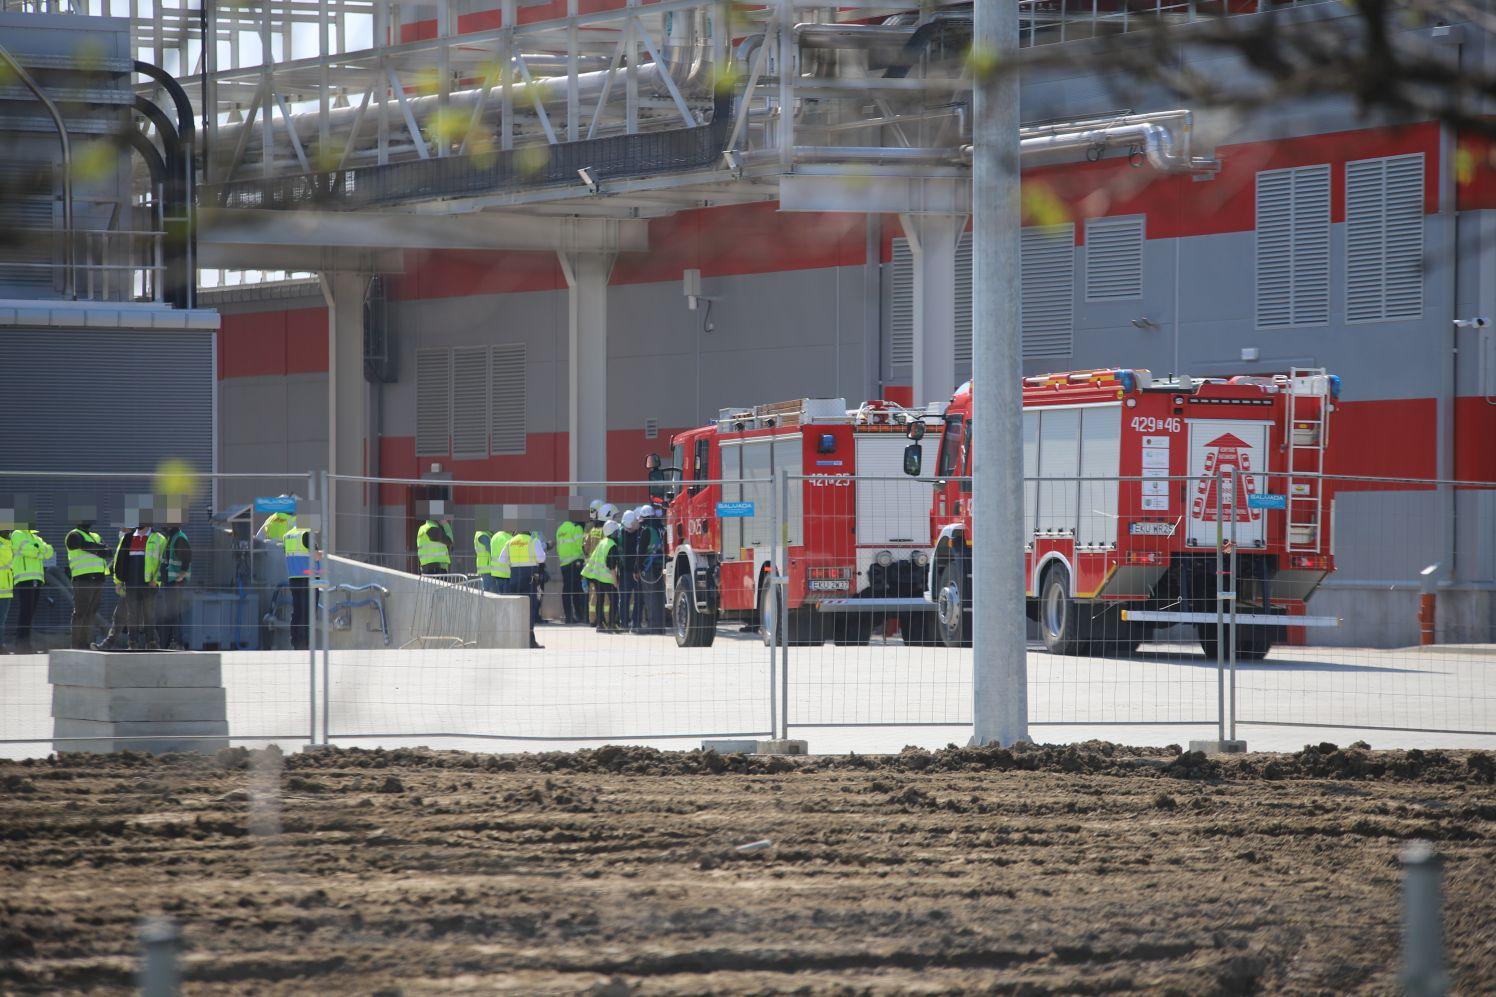 [ZDJĘCIA] Straż pożarna w jednej z firm kutnowskiej strefy. Co się stało? - Zdjęcie główne